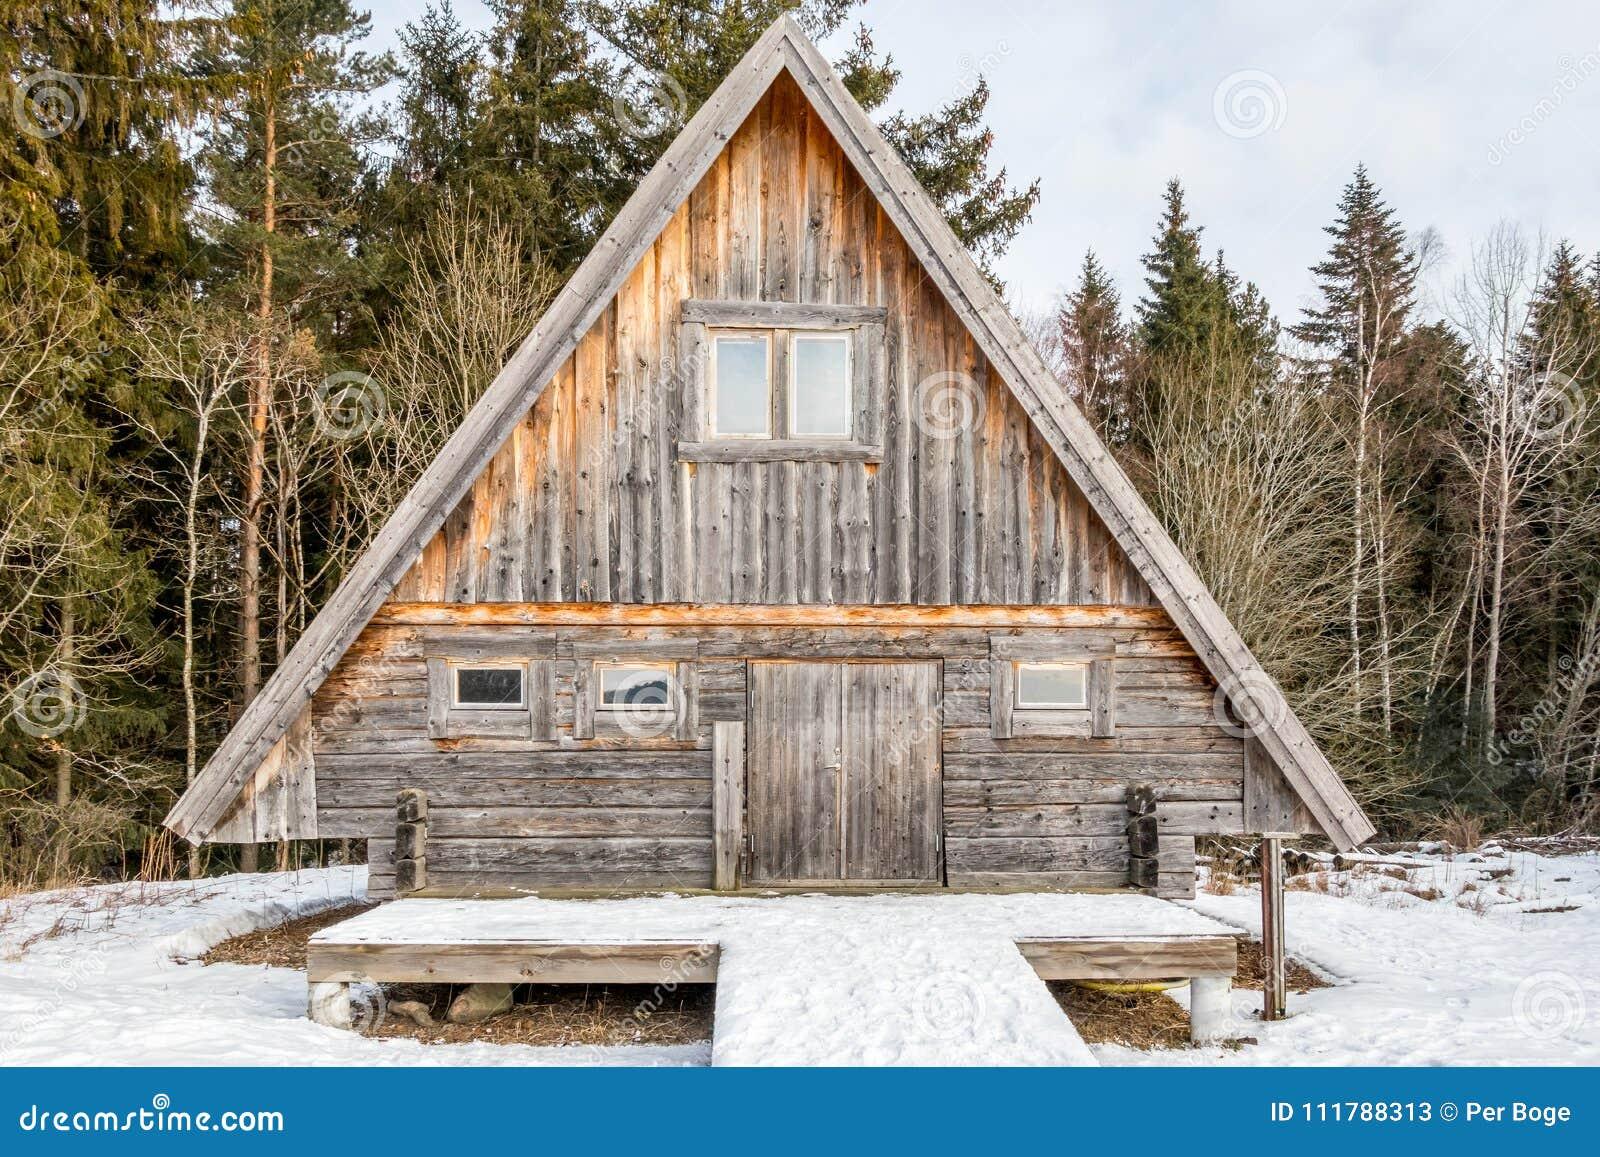 Riden ut och åldras journalkabin som omges av träd och snö